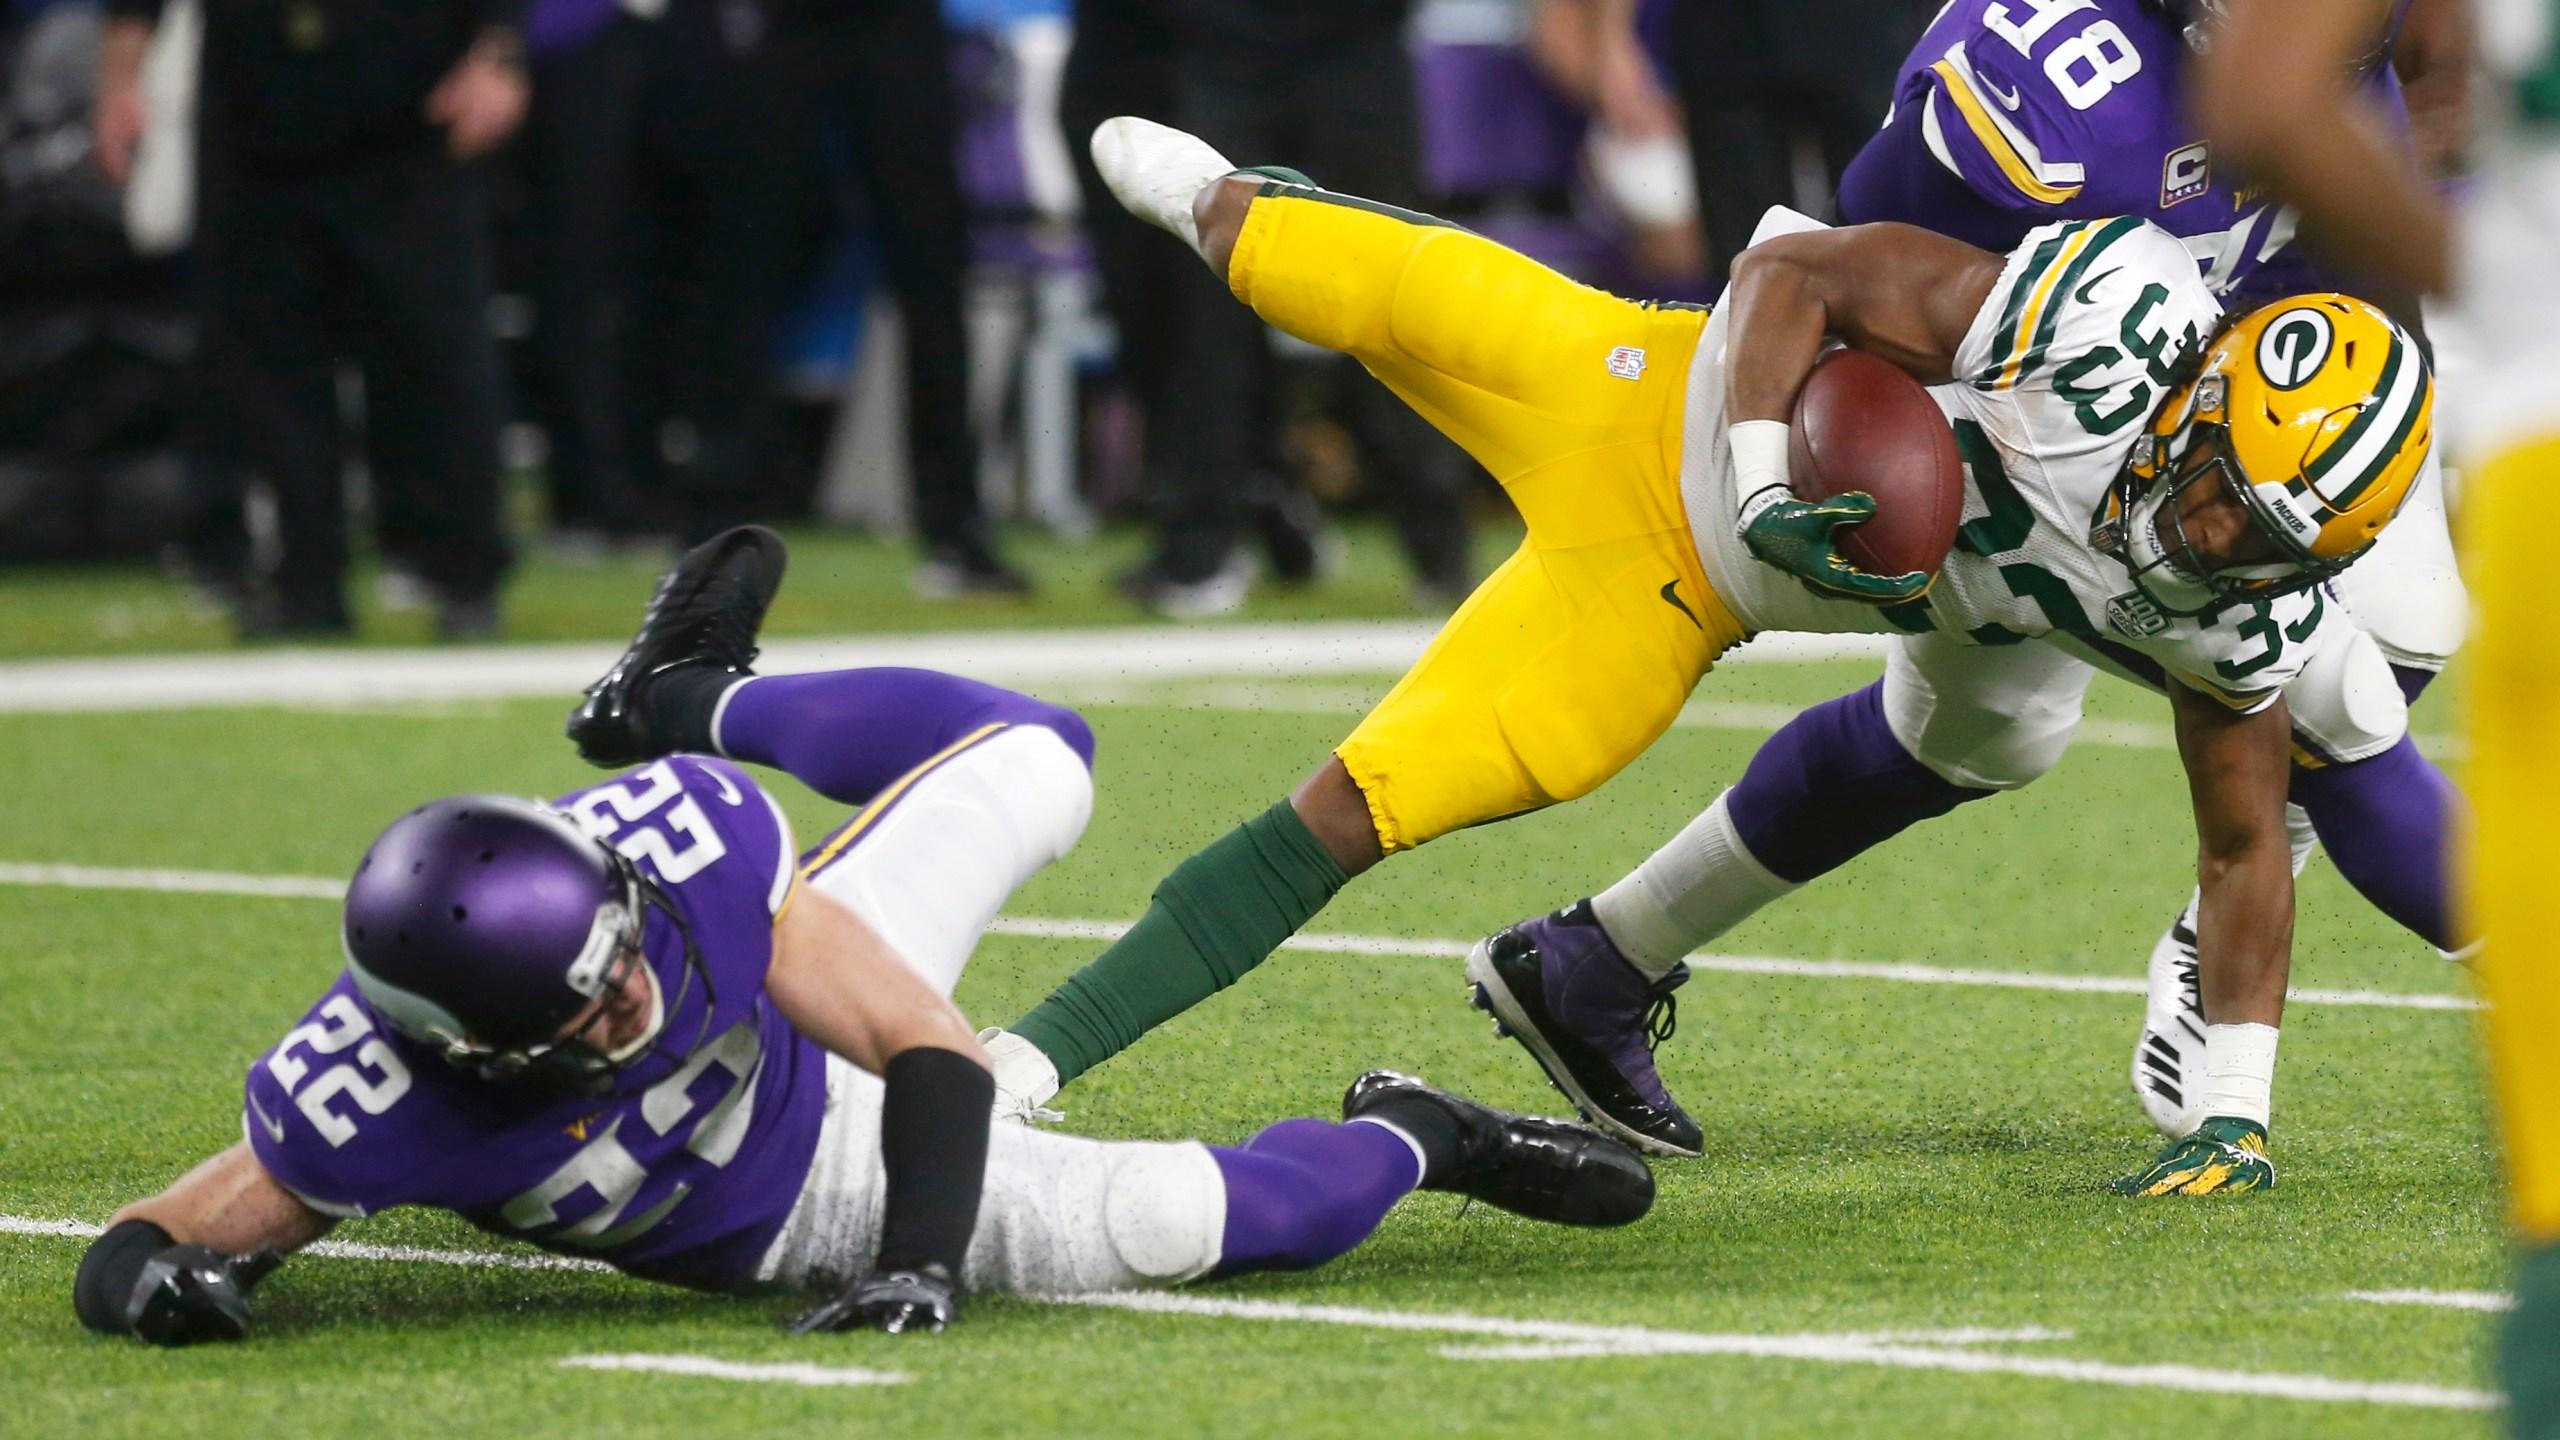 Packers_Vikings_Football_12463-159532.jpg61422879